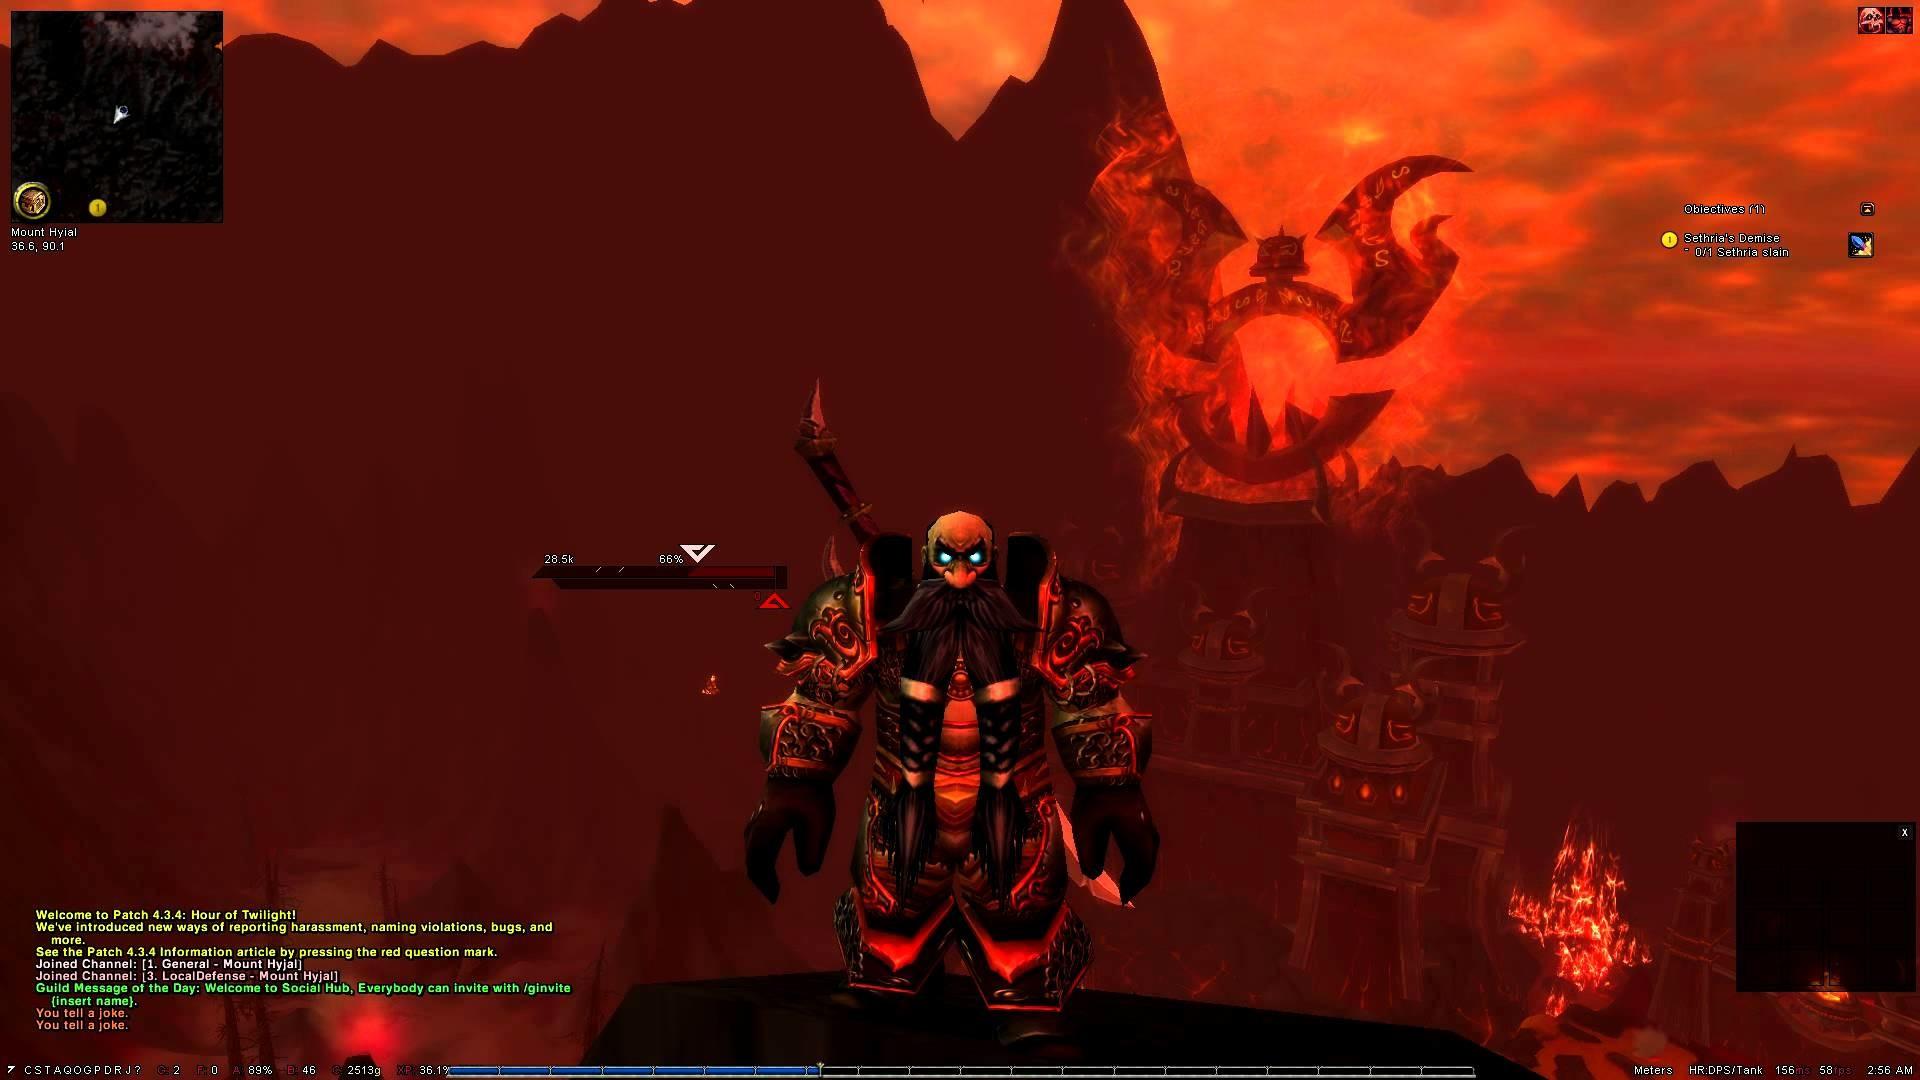 [World of Warcraft Death Knight Dwarf Jokes] – The Social Drinker